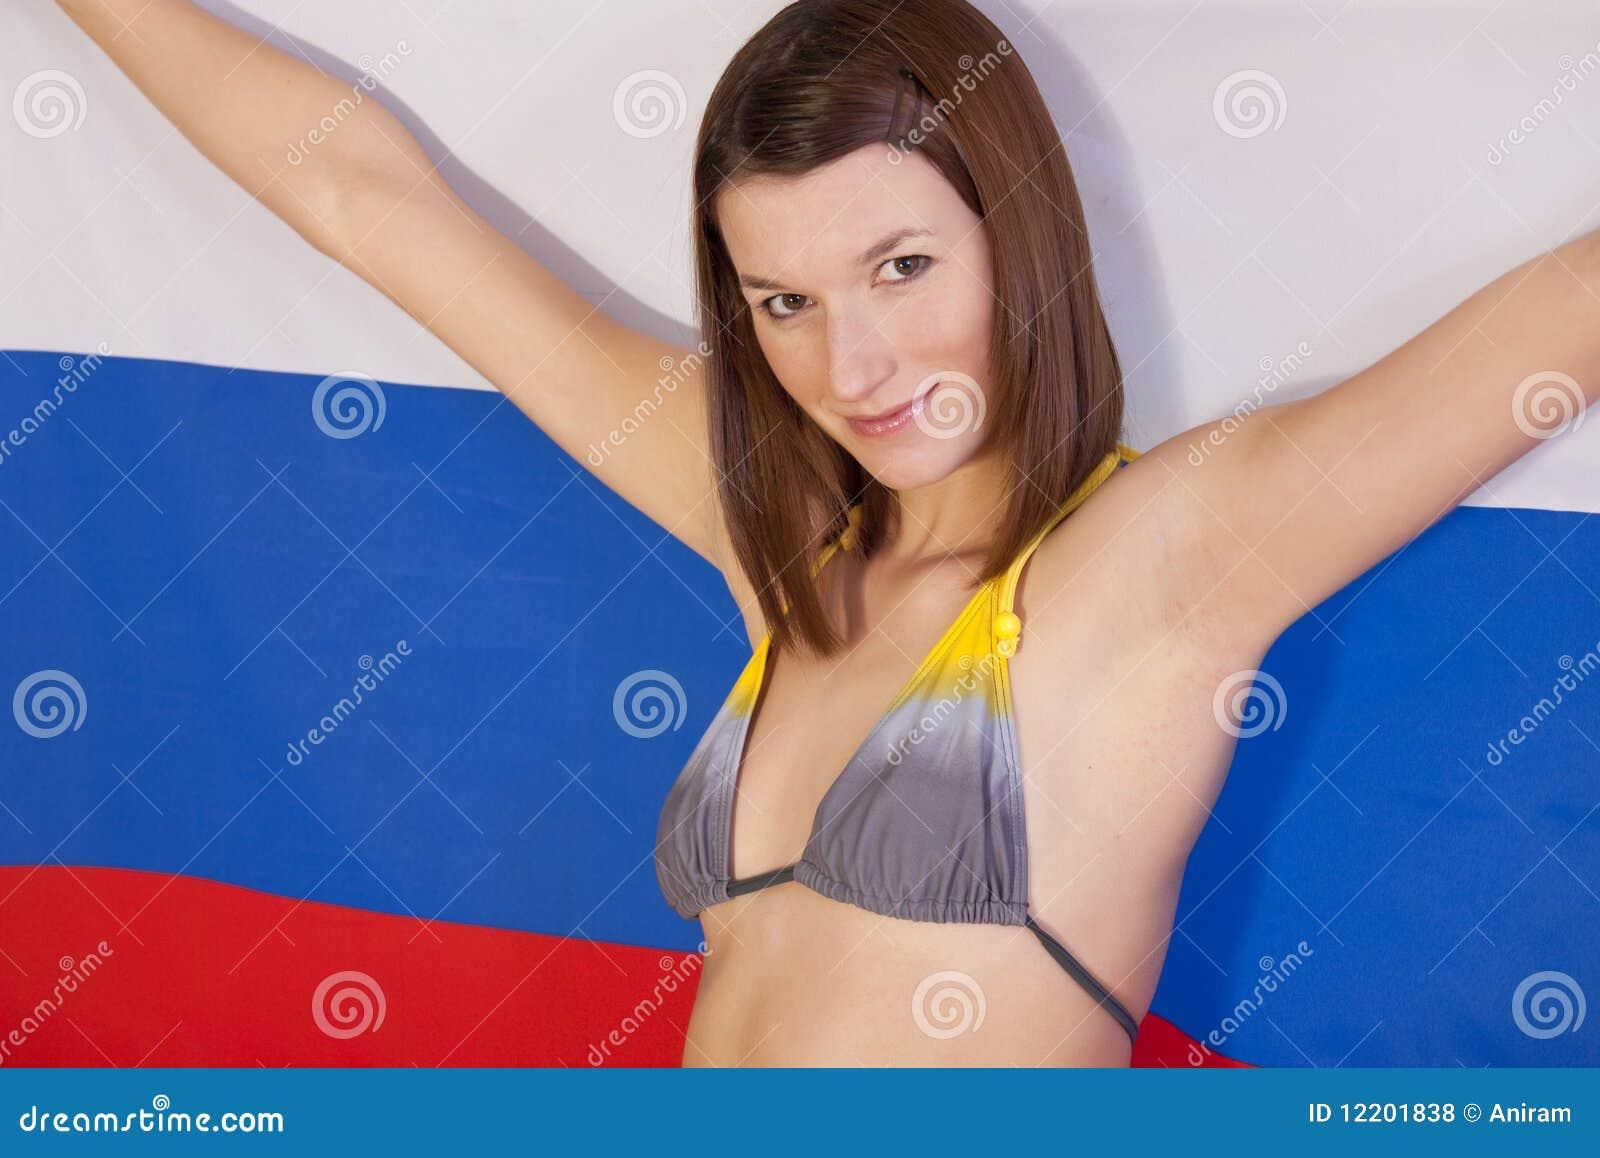 Women new russian women bikini — 12